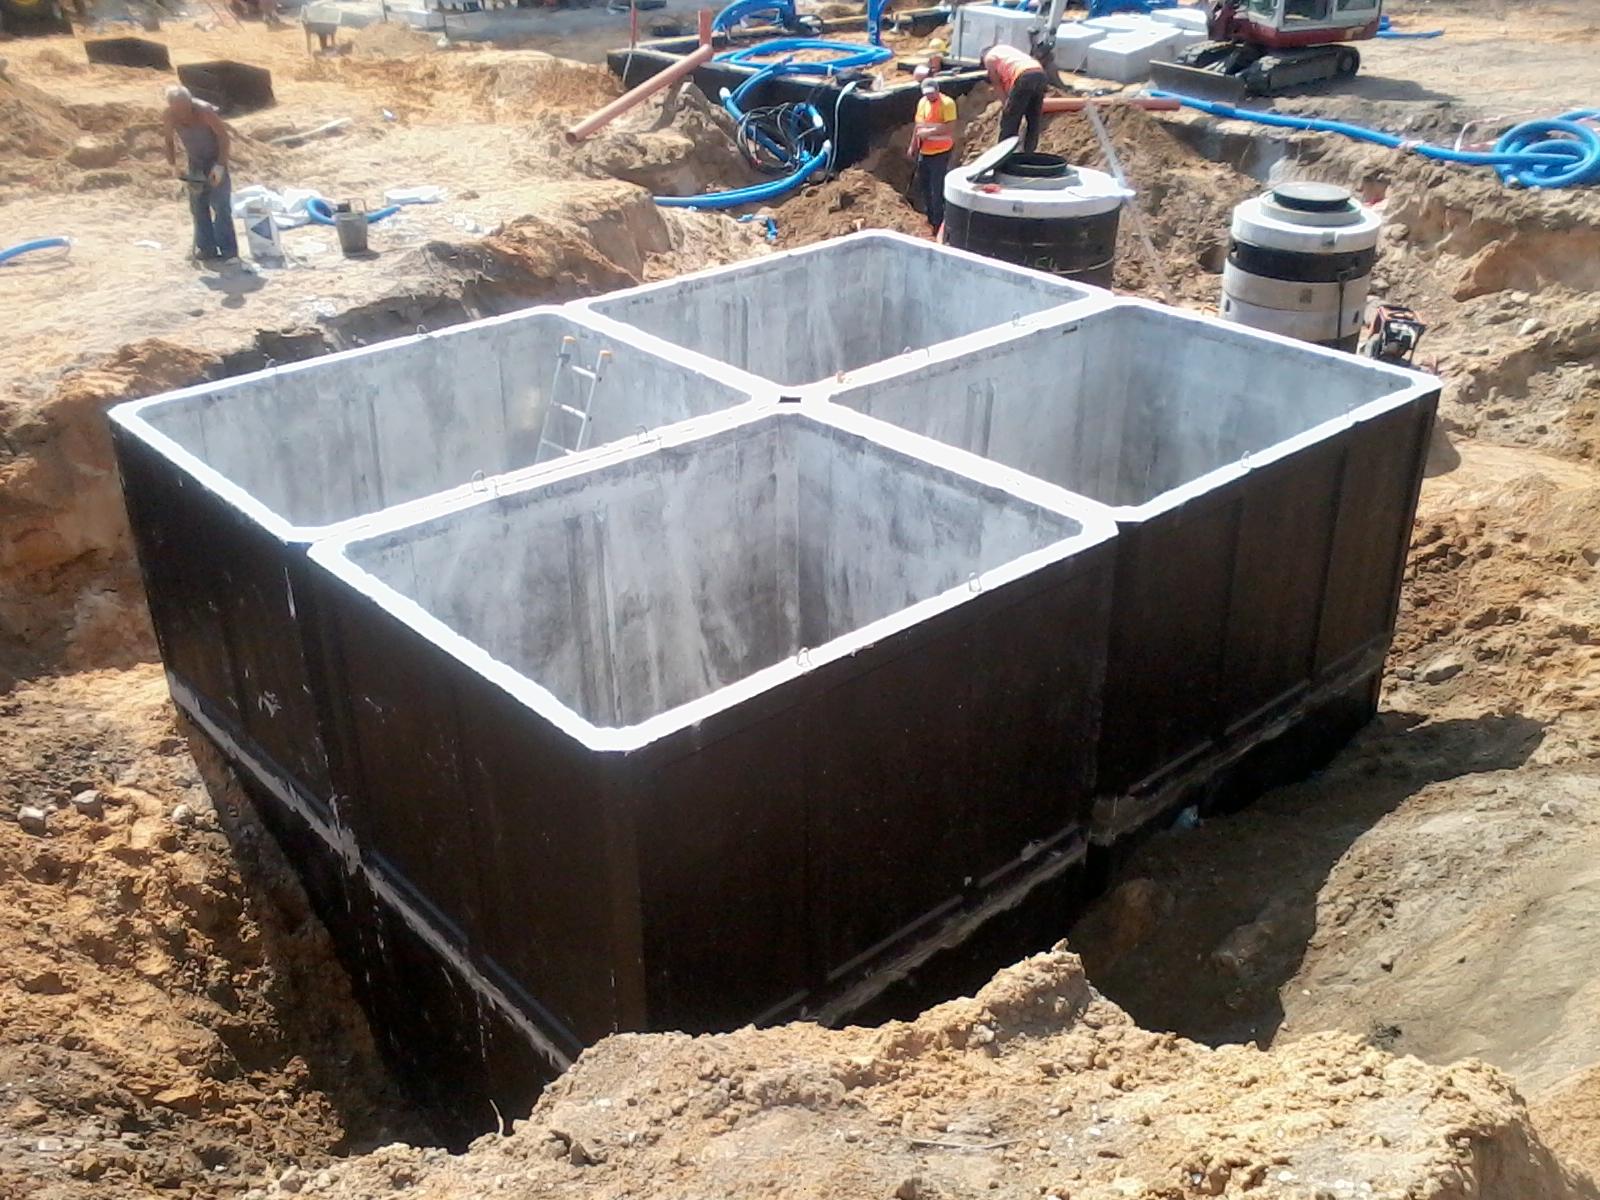 Groovy Szczelne szamba betonowe cała Polska 2-12m3 -Atest 7136210604 PM74